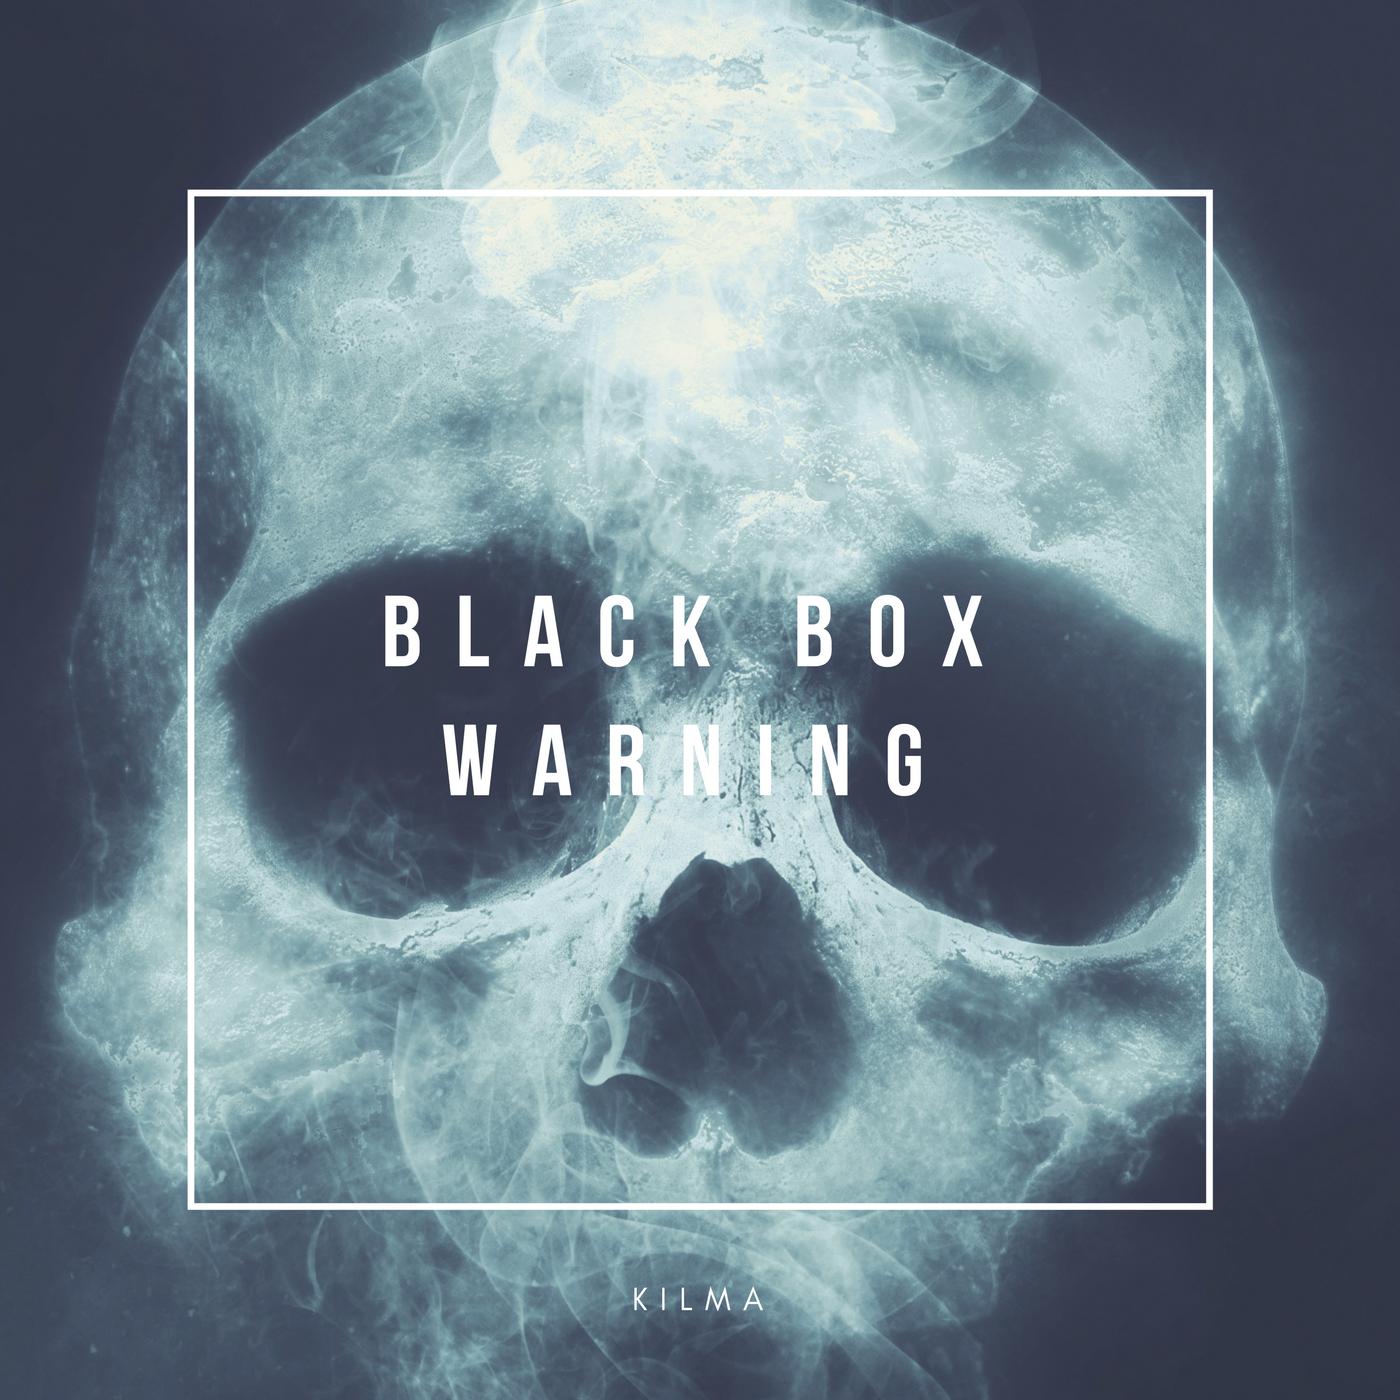 Black Box Warning DJ Kilma Mixtape